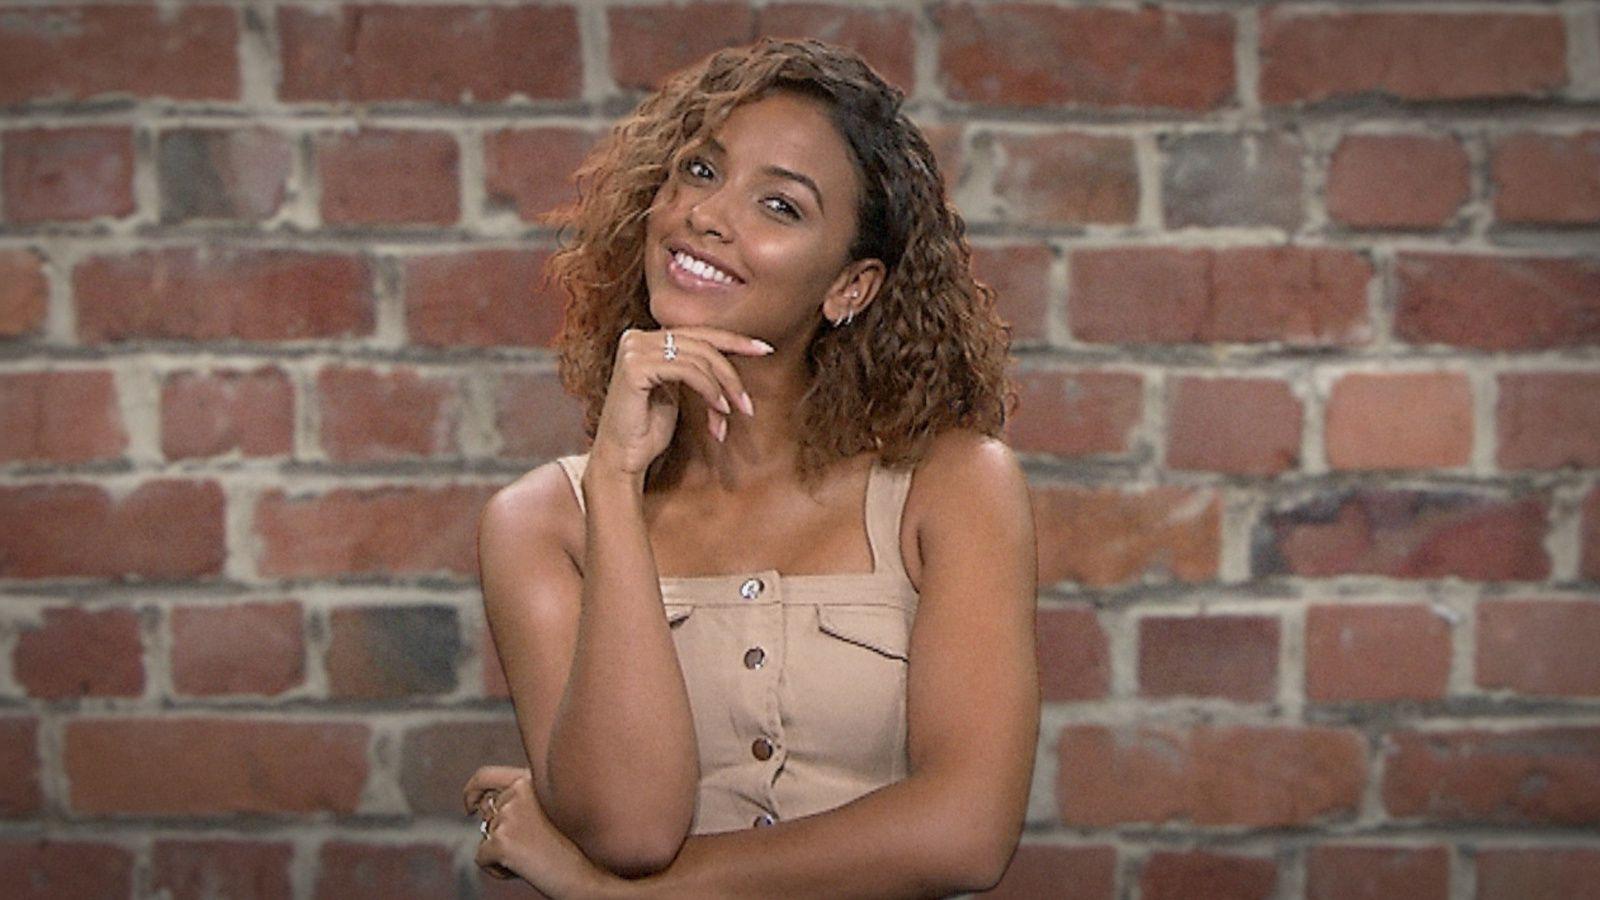 Flora Coquerel devient présentatrice sur BET et rejoint l'équipe d'animateurs de BET BREAKS.